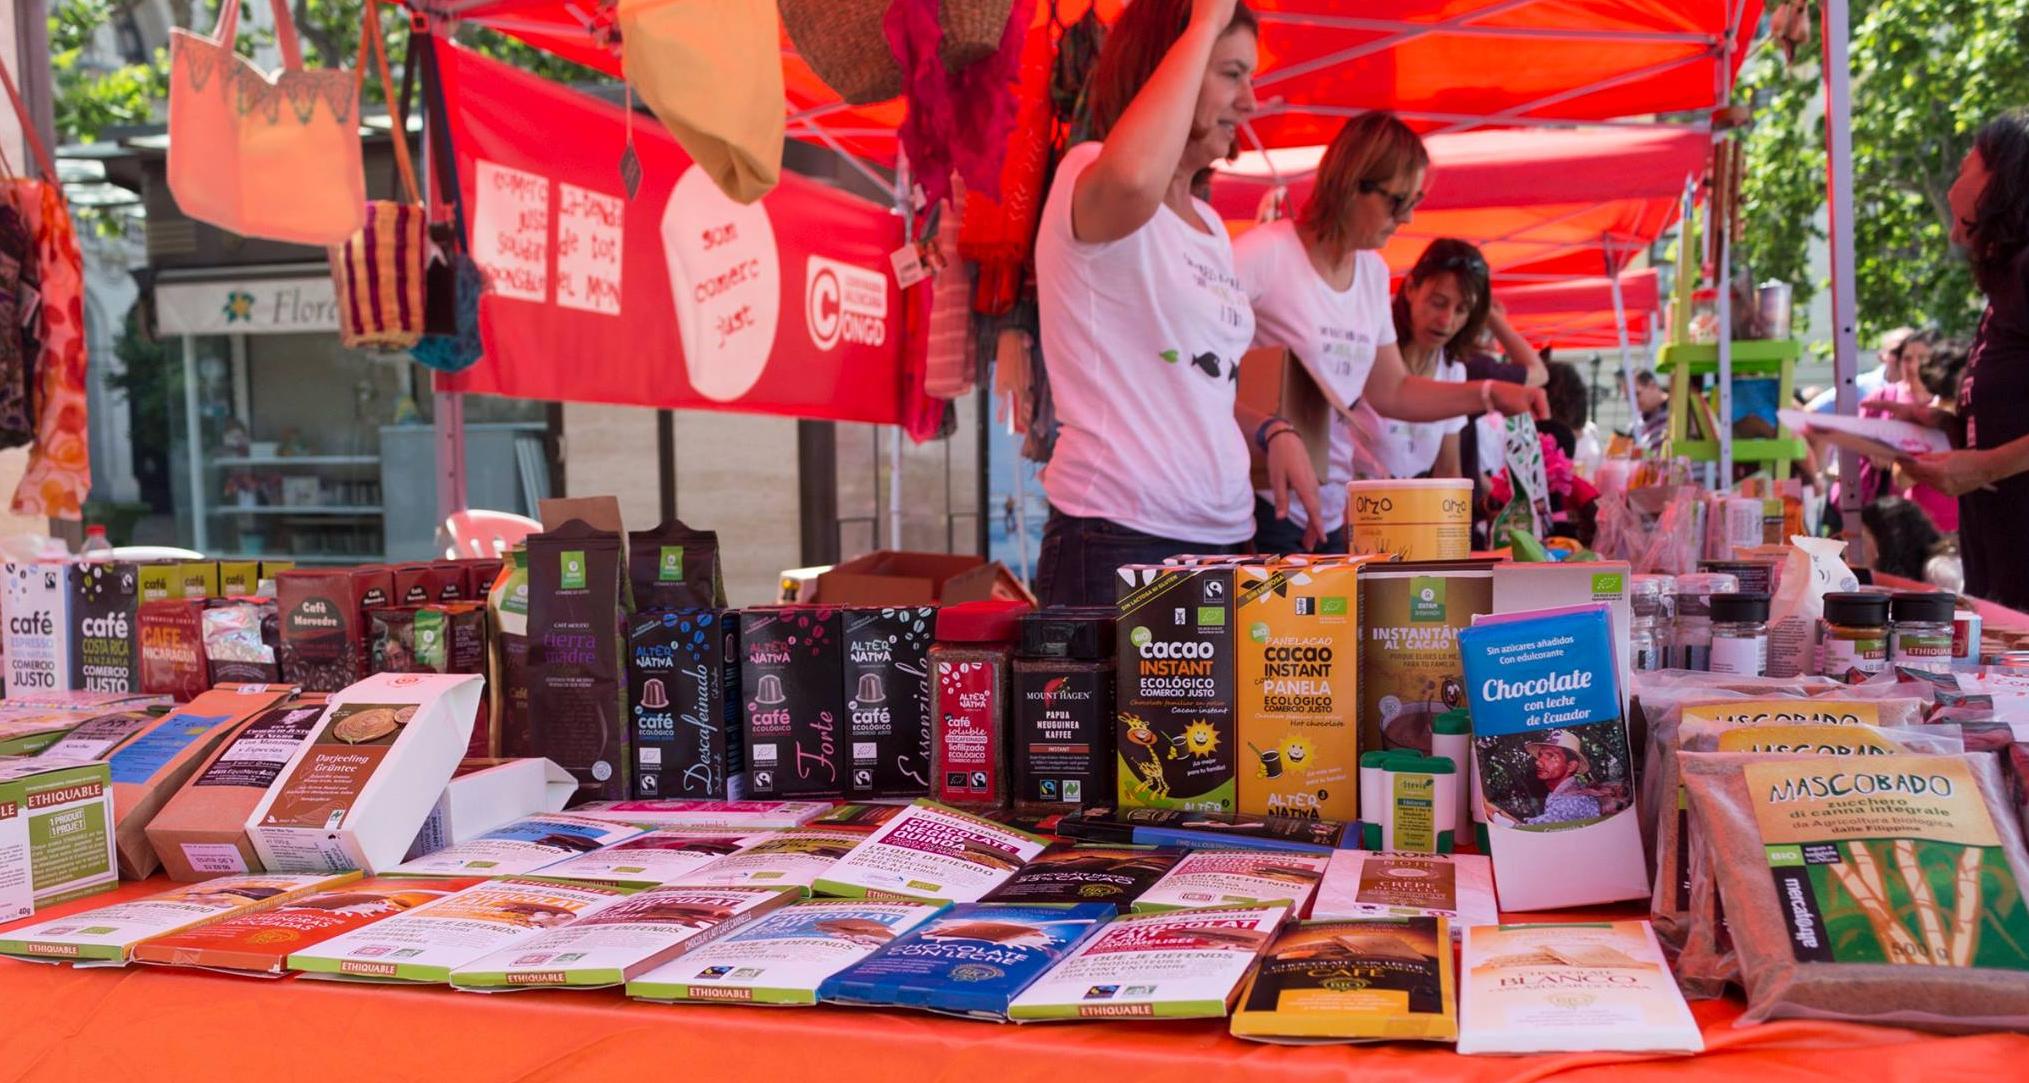 Comercio Justo: luchemos contra la pobreza, consumiendo responsablemente